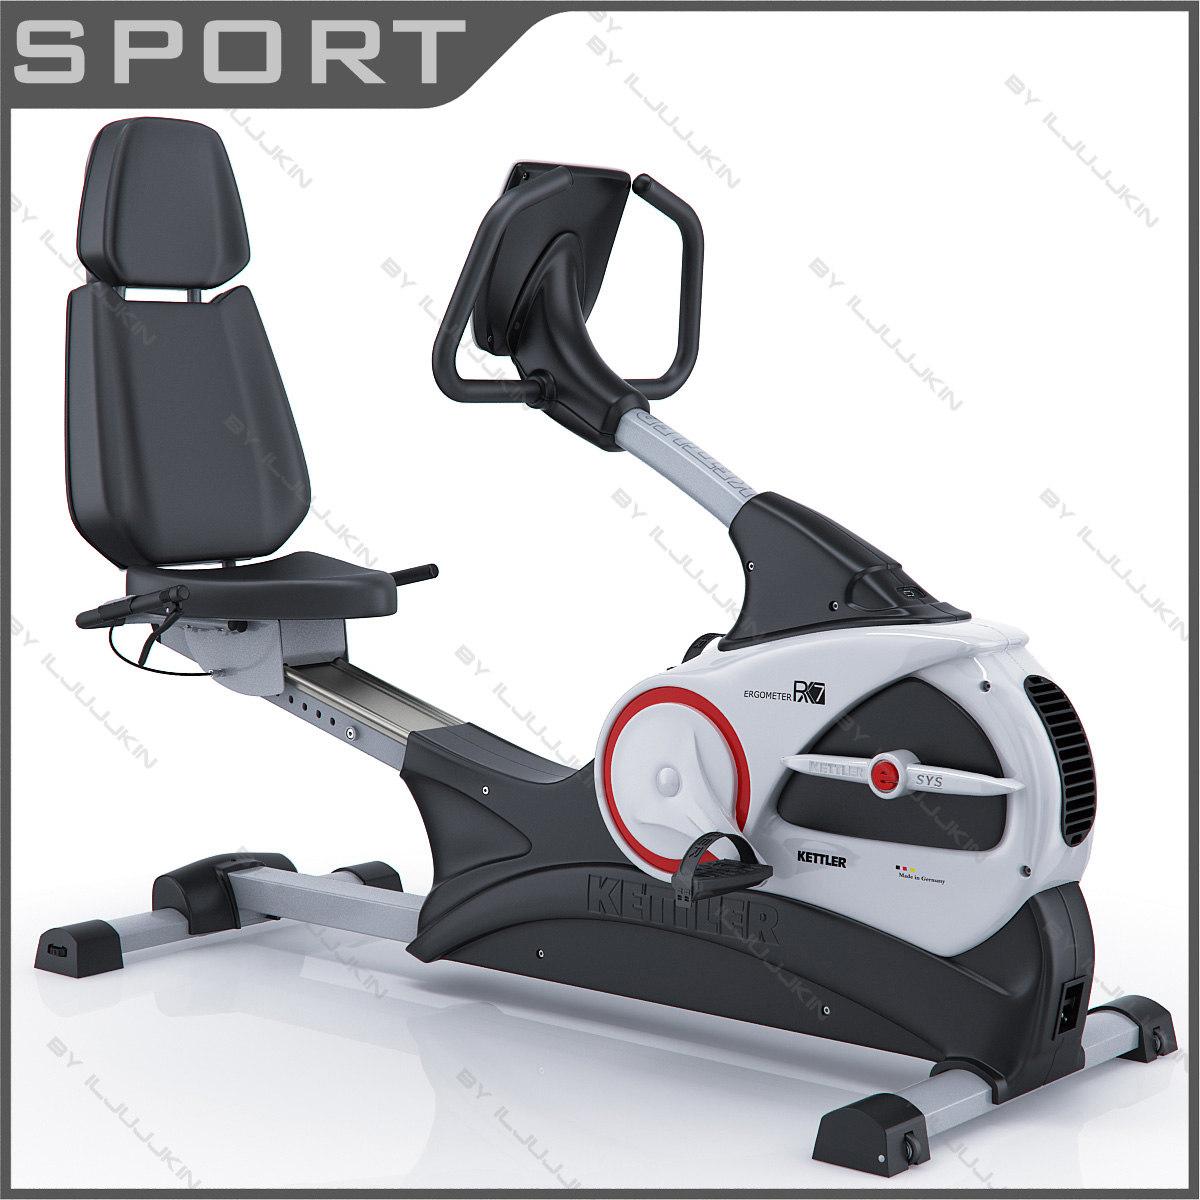 kettler rx7 recumbent exercise bike 3d model